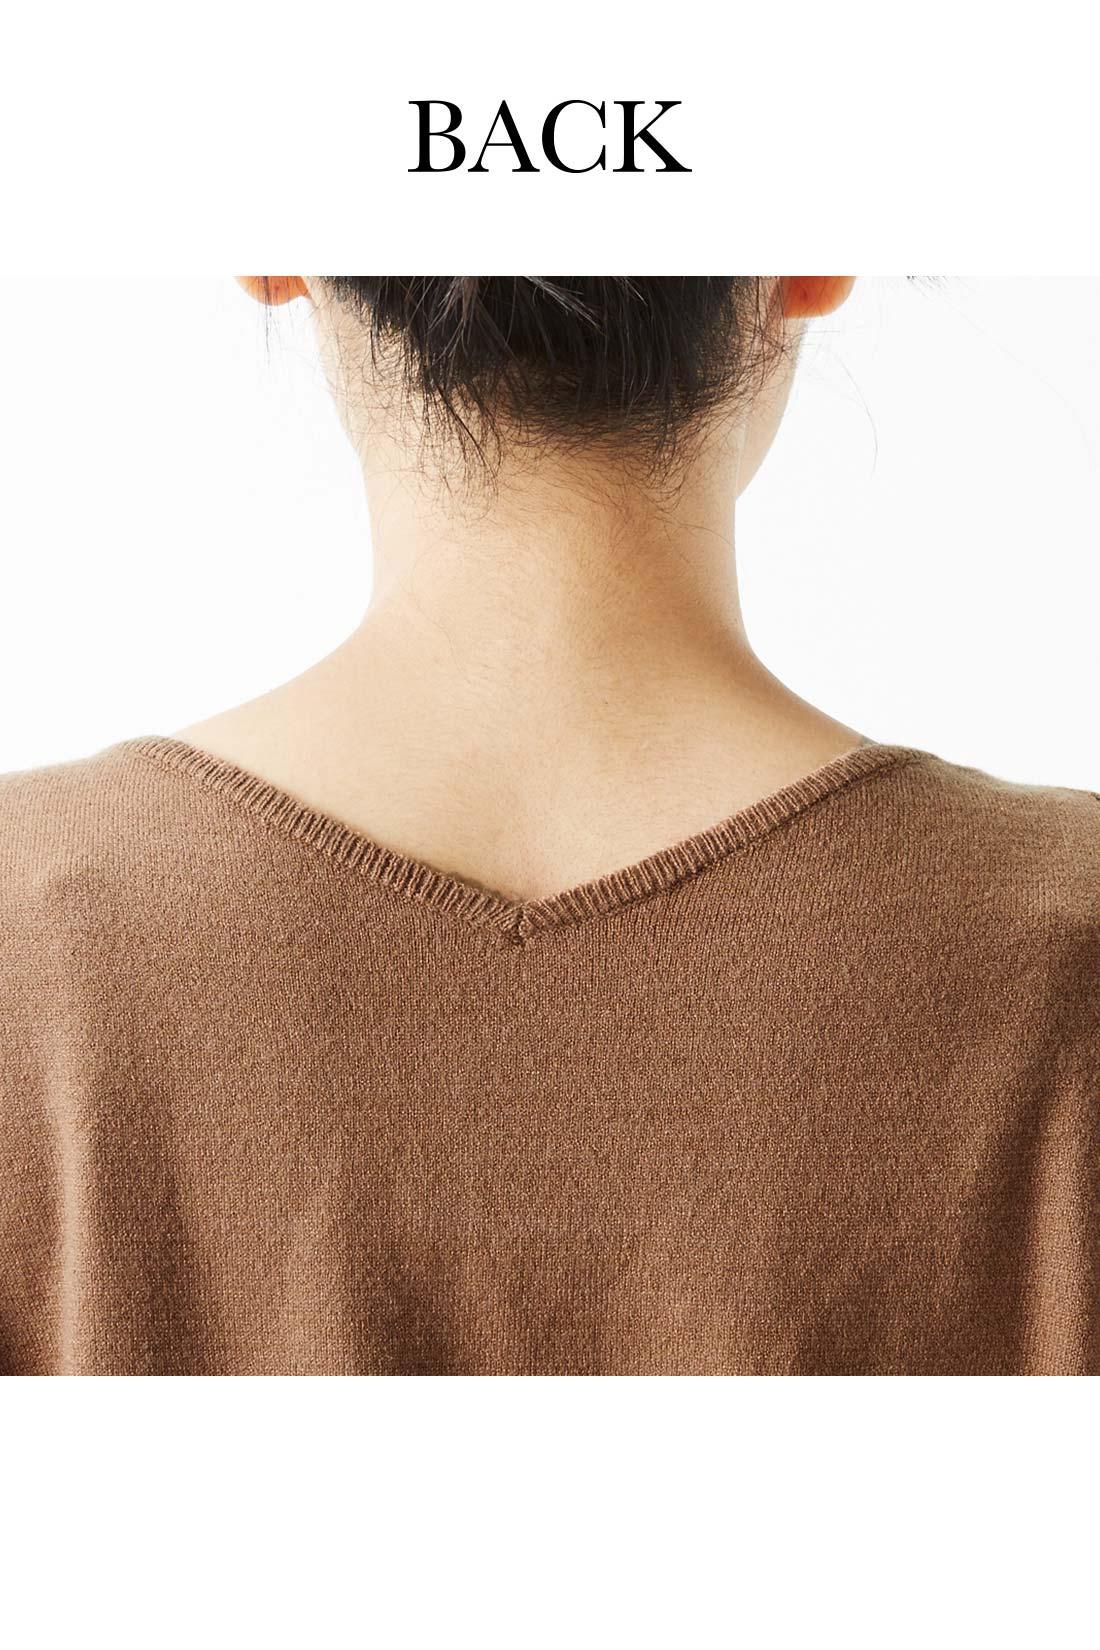 ゆるやかなラインが女性らしい浅めのV開き。後ろ姿にも抜け感を演出。 ※着用イメージです。お届けするカラーとは異なります。